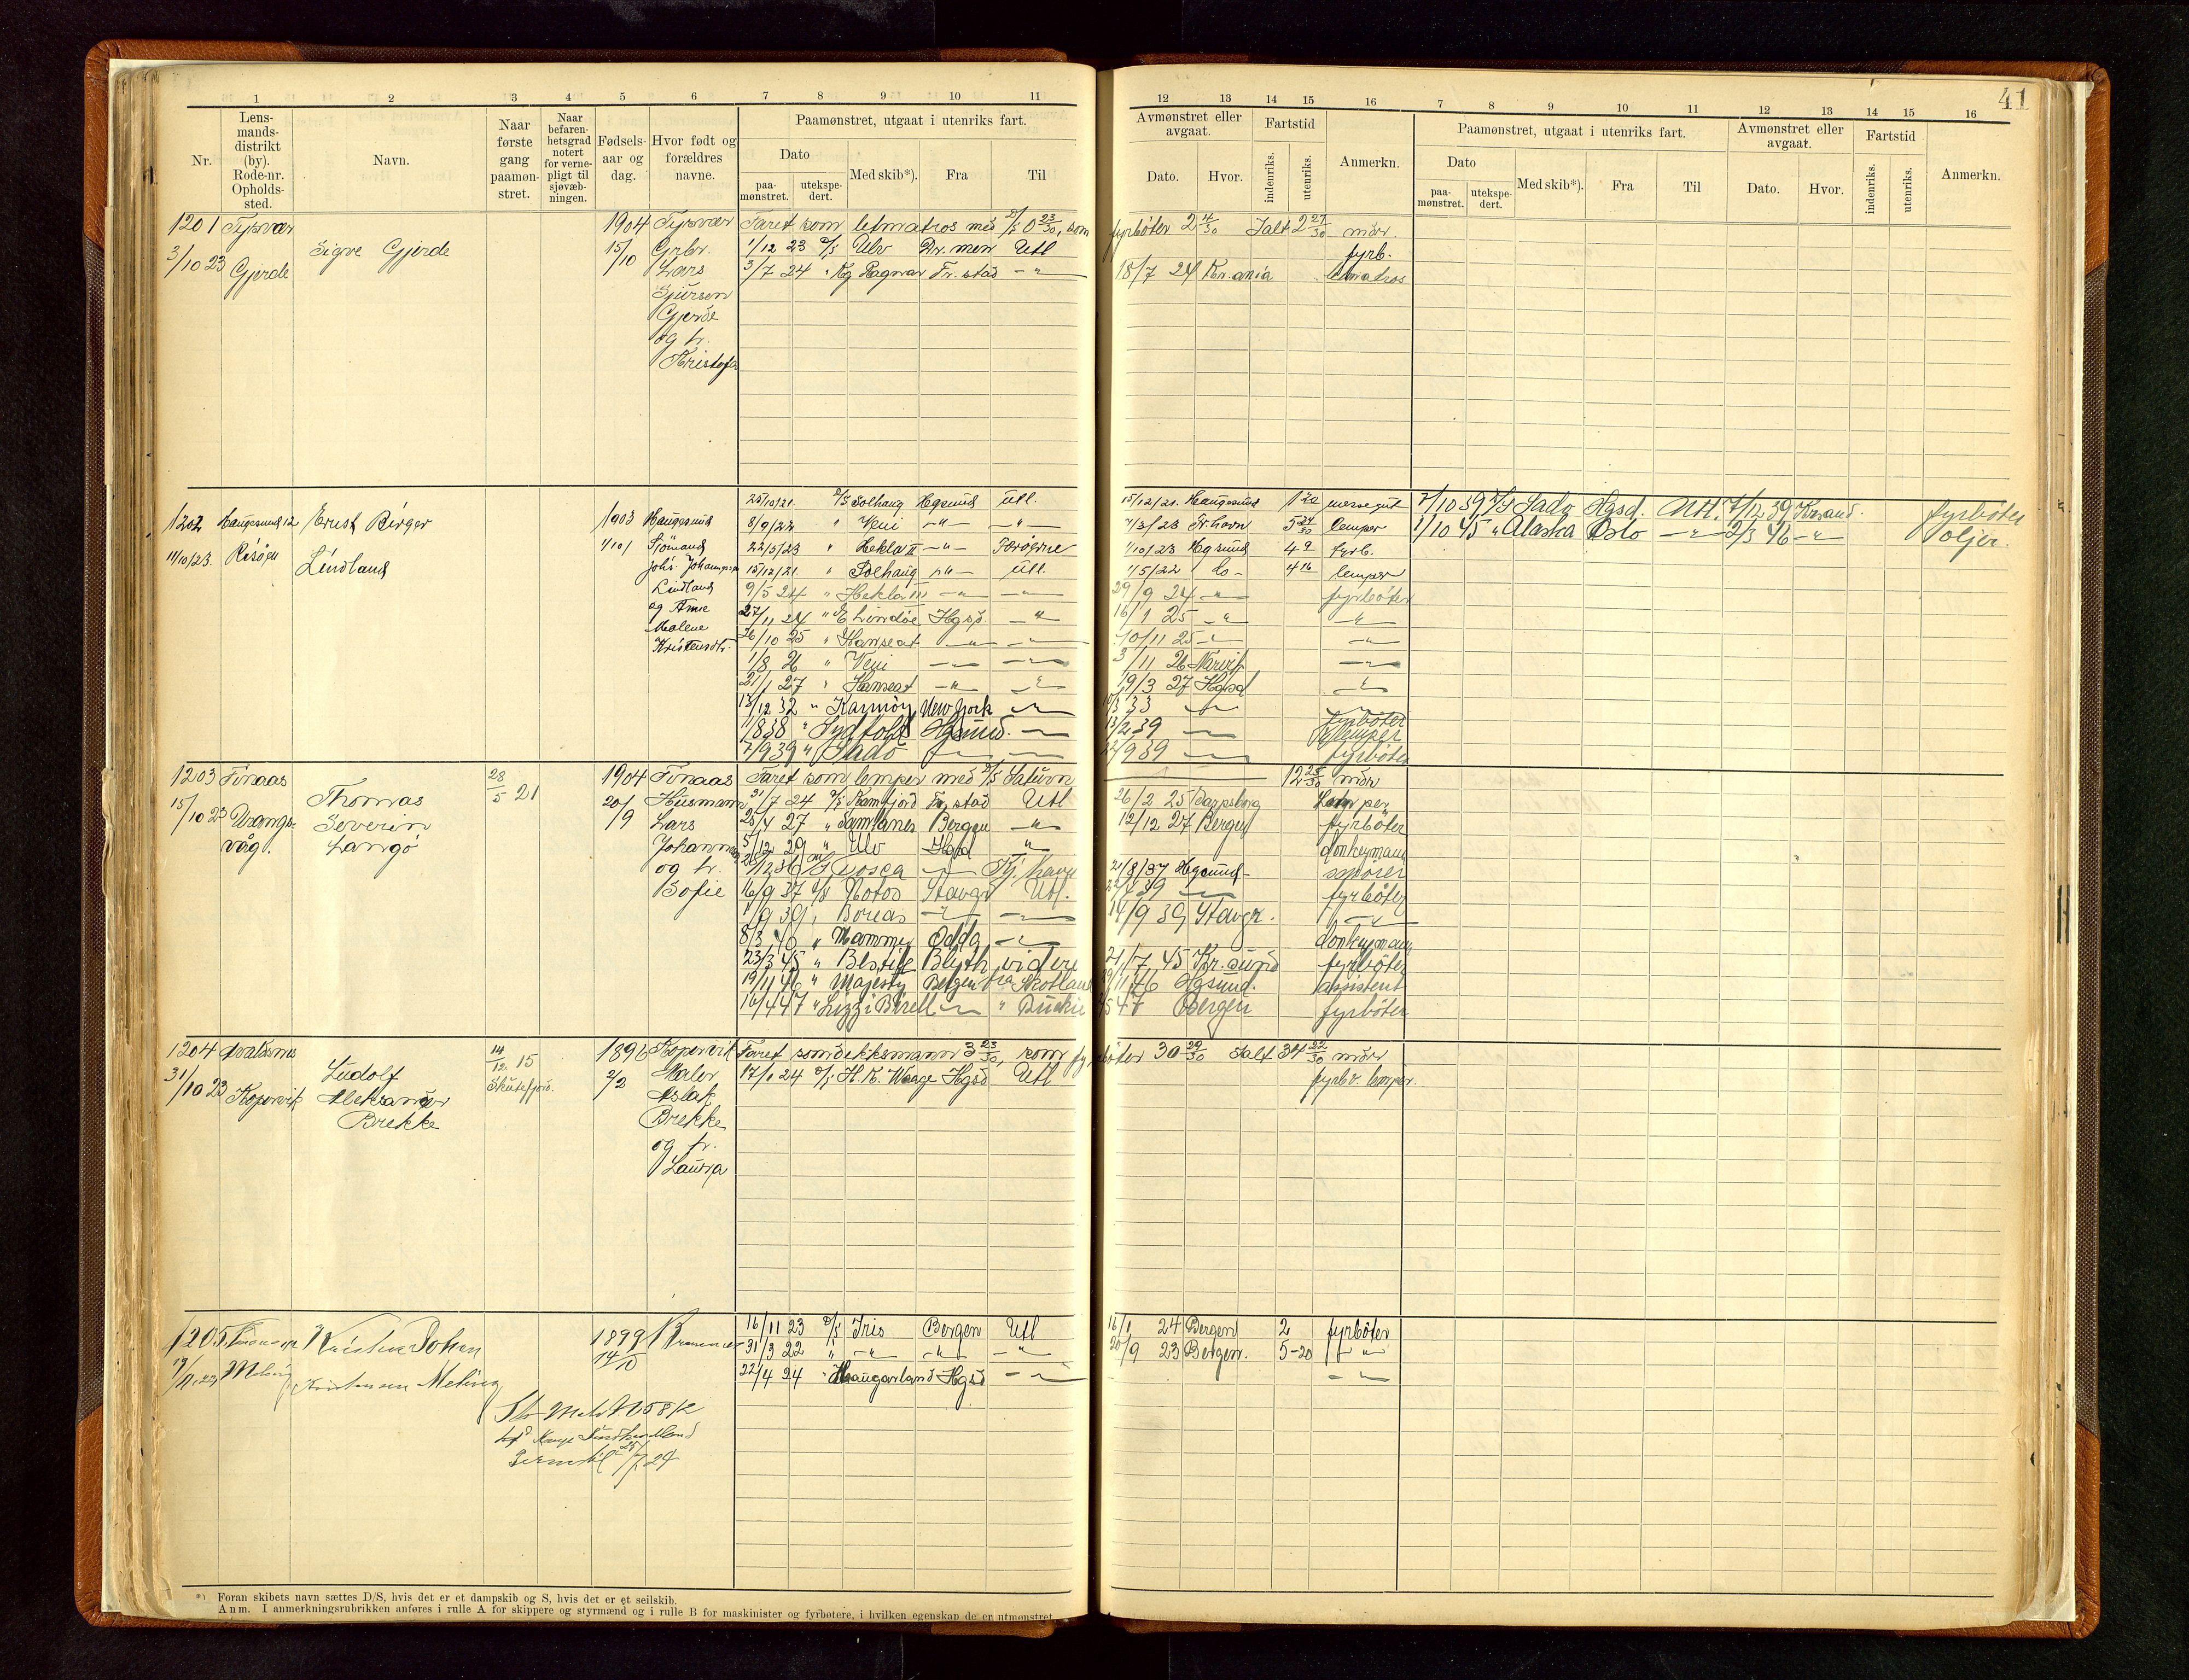 SAST, Haugesund sjømannskontor, F/Fb/Fbb/L0014: Sjøfartsrulle B Haugesund krets nr. 1001-1475, 1912-1948, p. 41